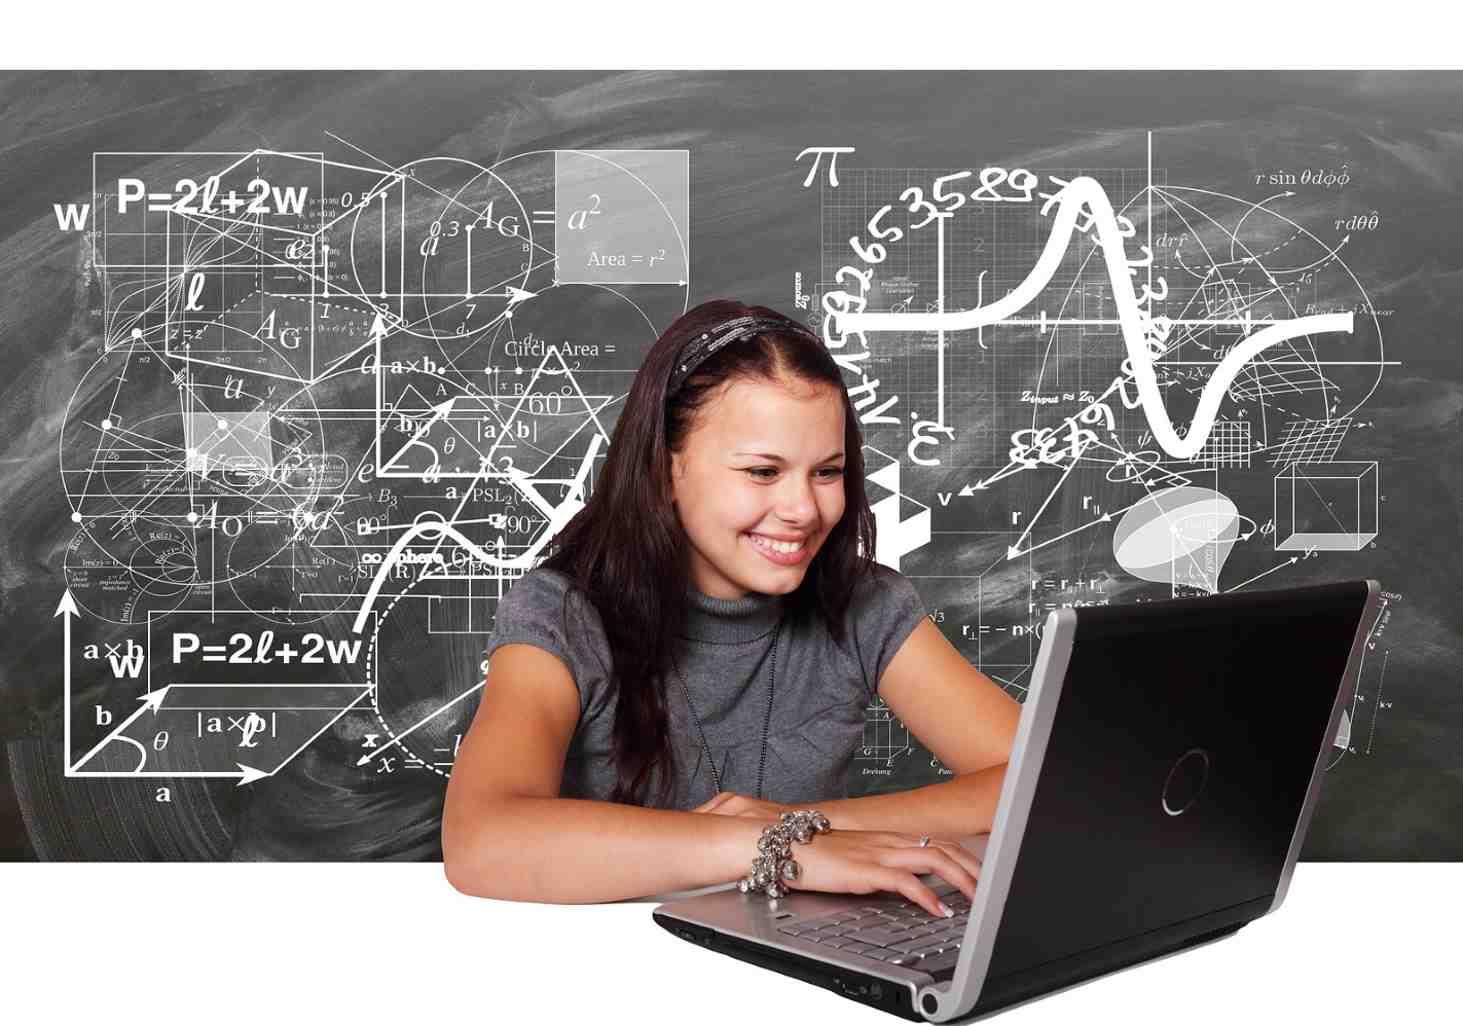 vshe-i-yandeks-pomogut-uchitelyam-razvit-sposobnosti-shkolnikov